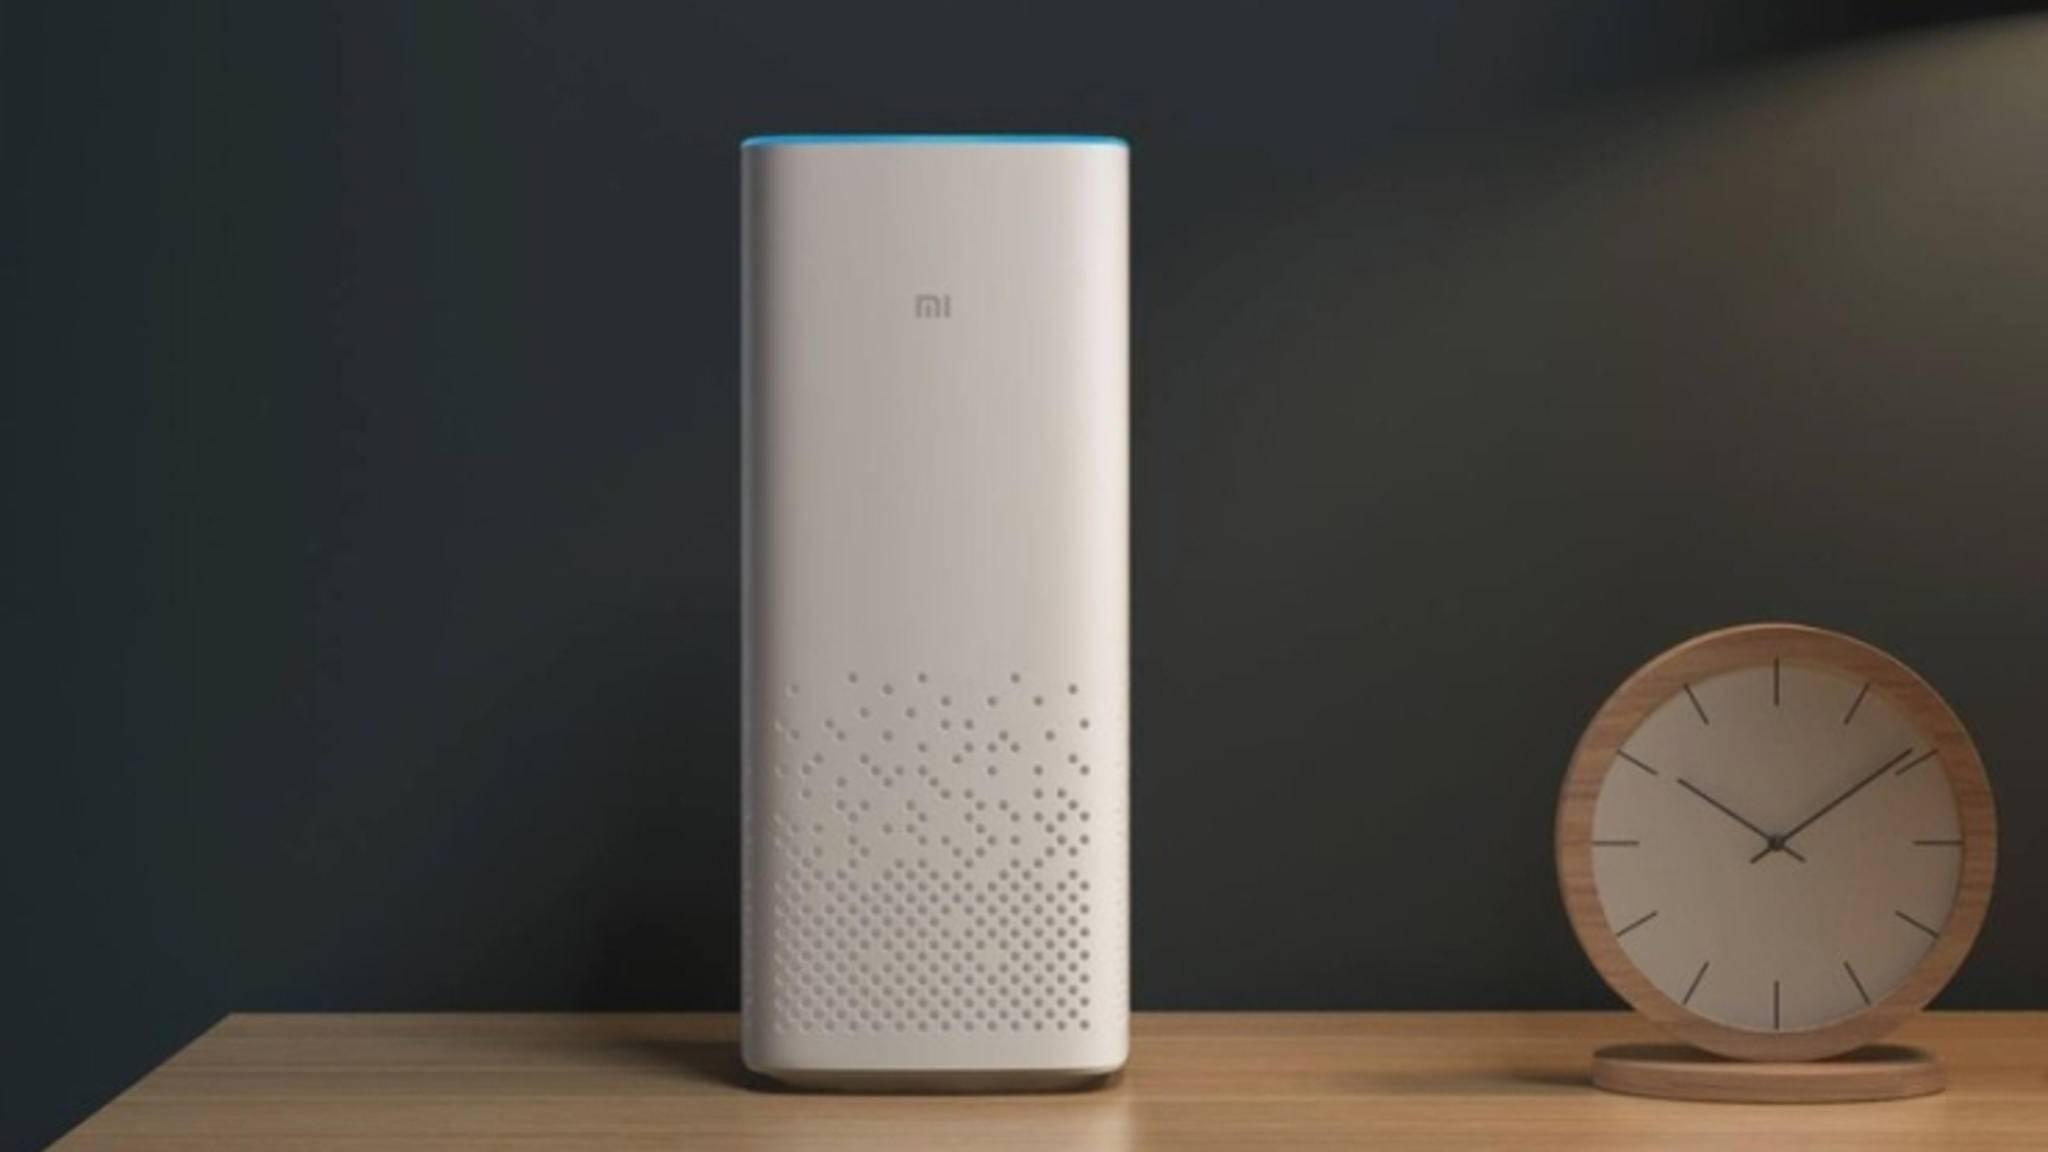 Ikea-Lampen lassen sich bald mit Xiaomi-Smart-Speakern steuern.